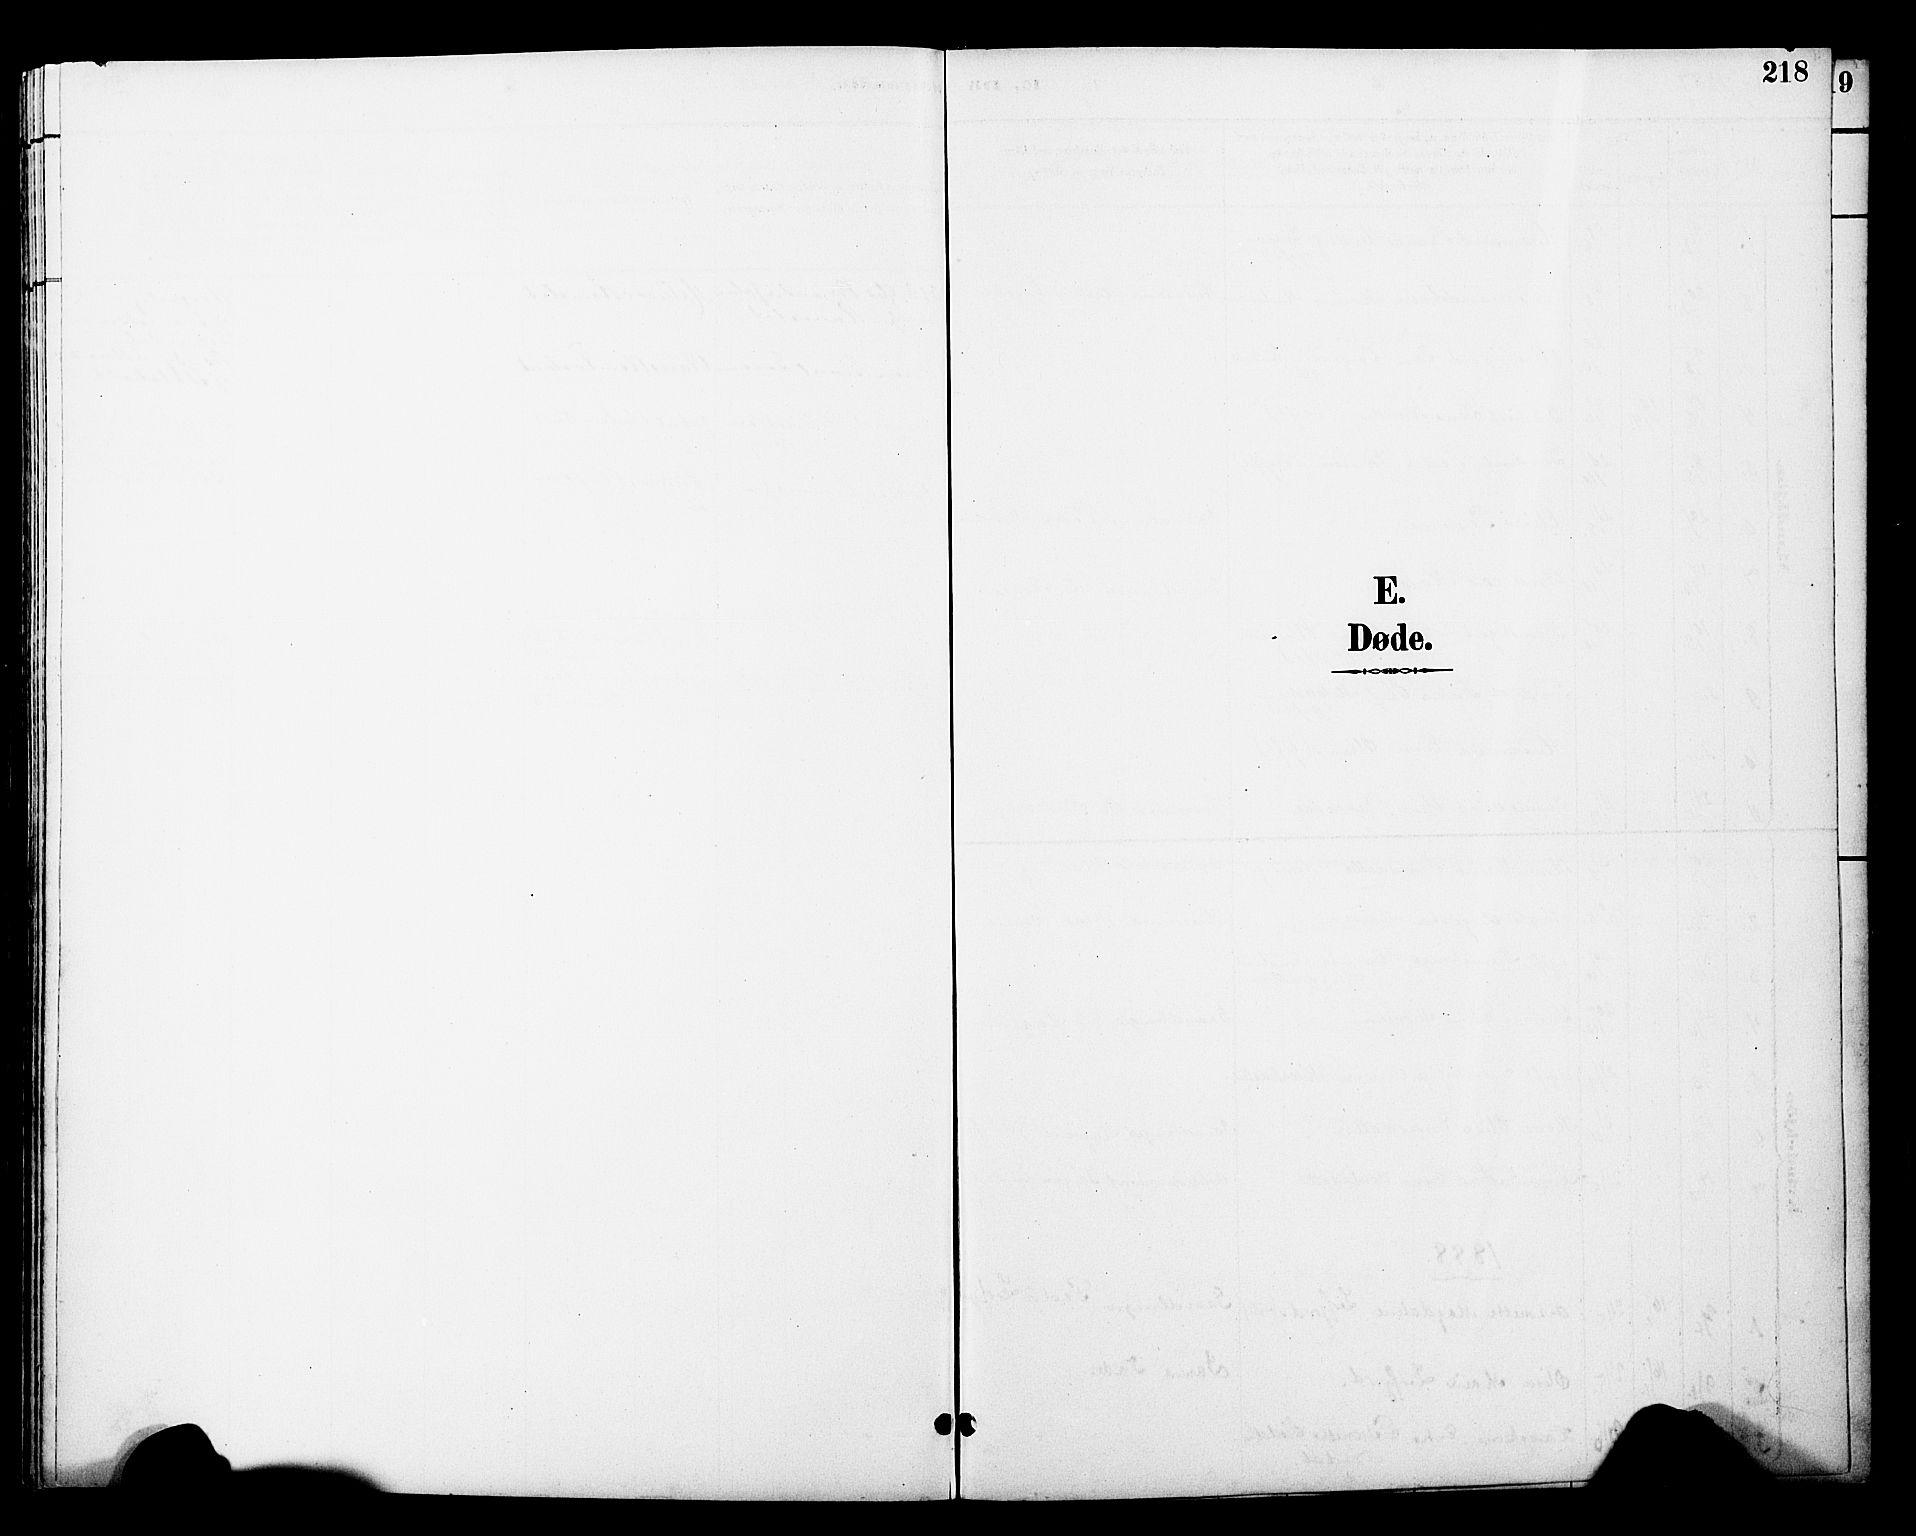 SAT, Ministerialprotokoller, klokkerbøker og fødselsregistre - Nord-Trøndelag, 774/L0628: Ministerialbok nr. 774A02, 1887-1903, s. 218